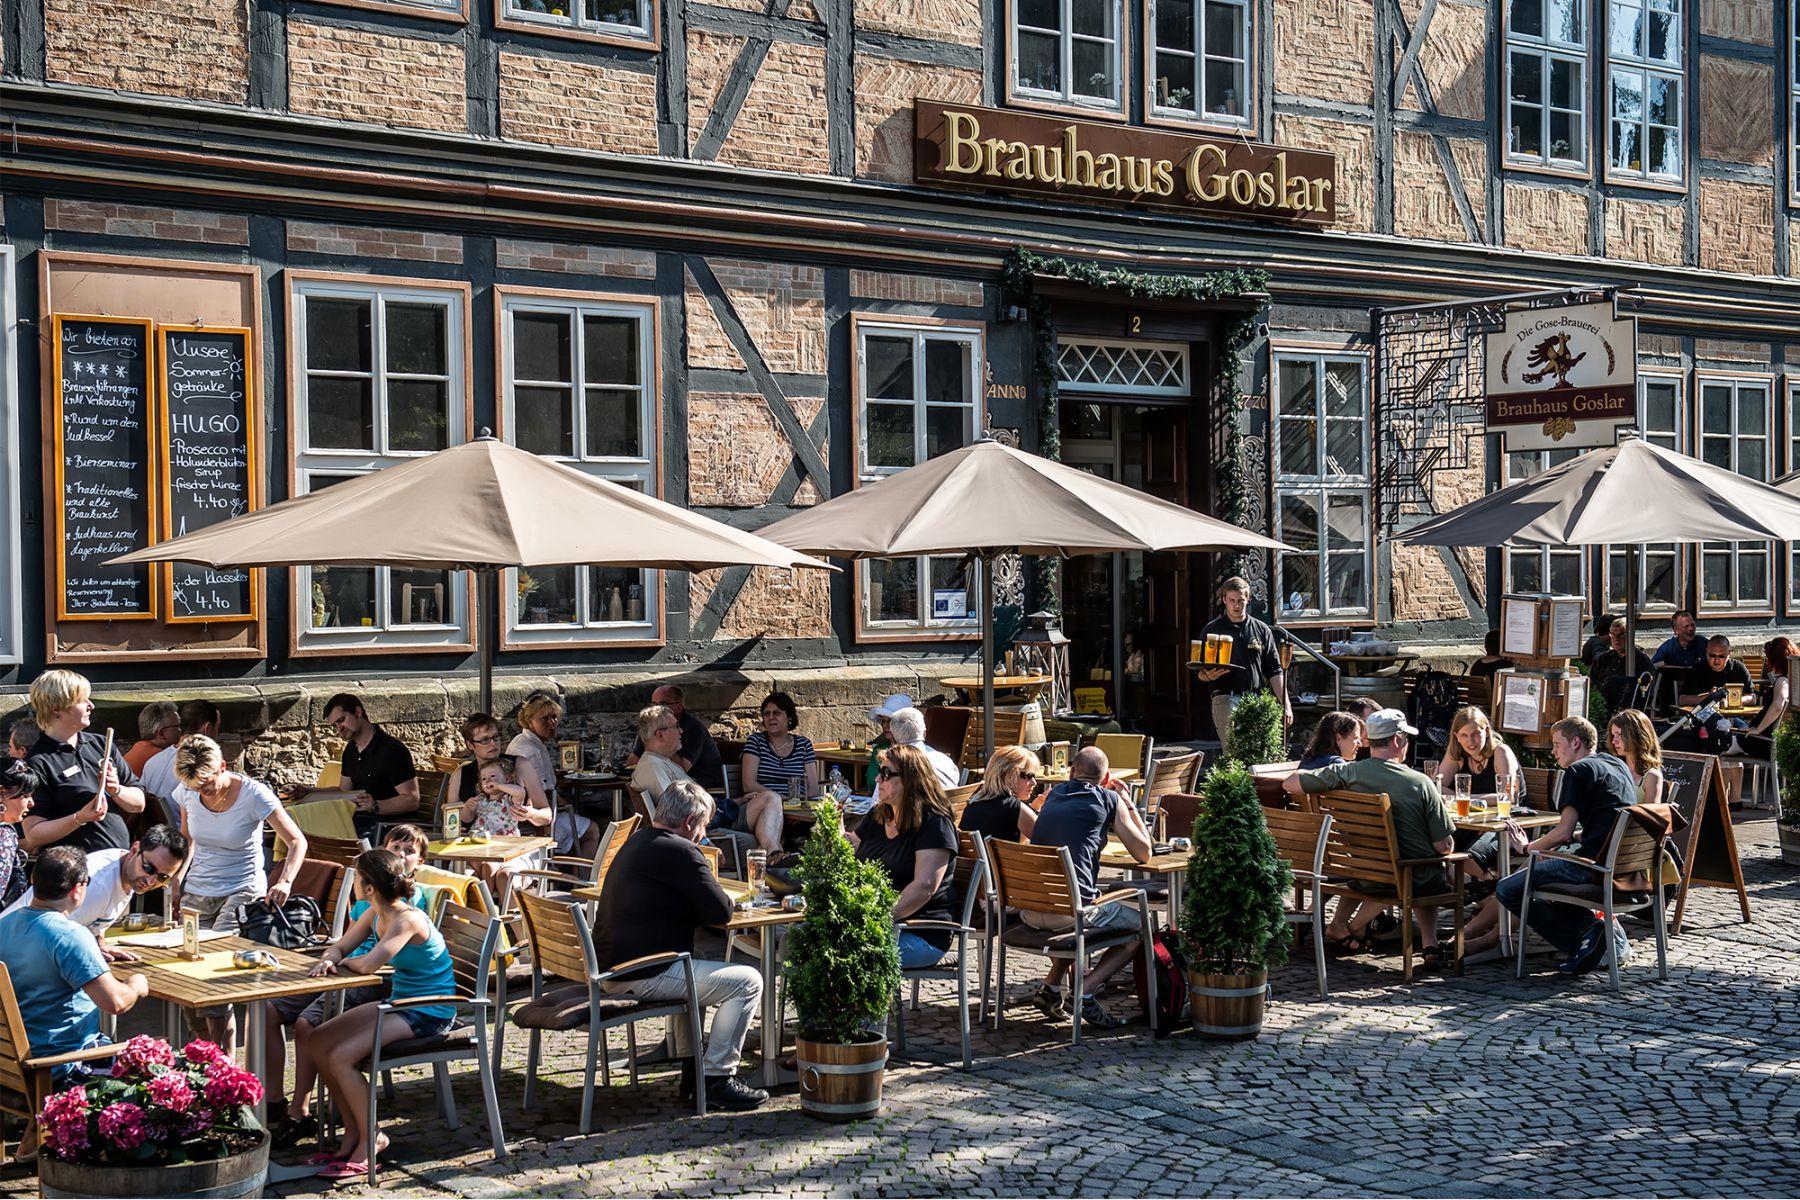 Brauhaus in Goslar   Fotocredit: GOSLAR marketing gmbh Stefan Schiefer